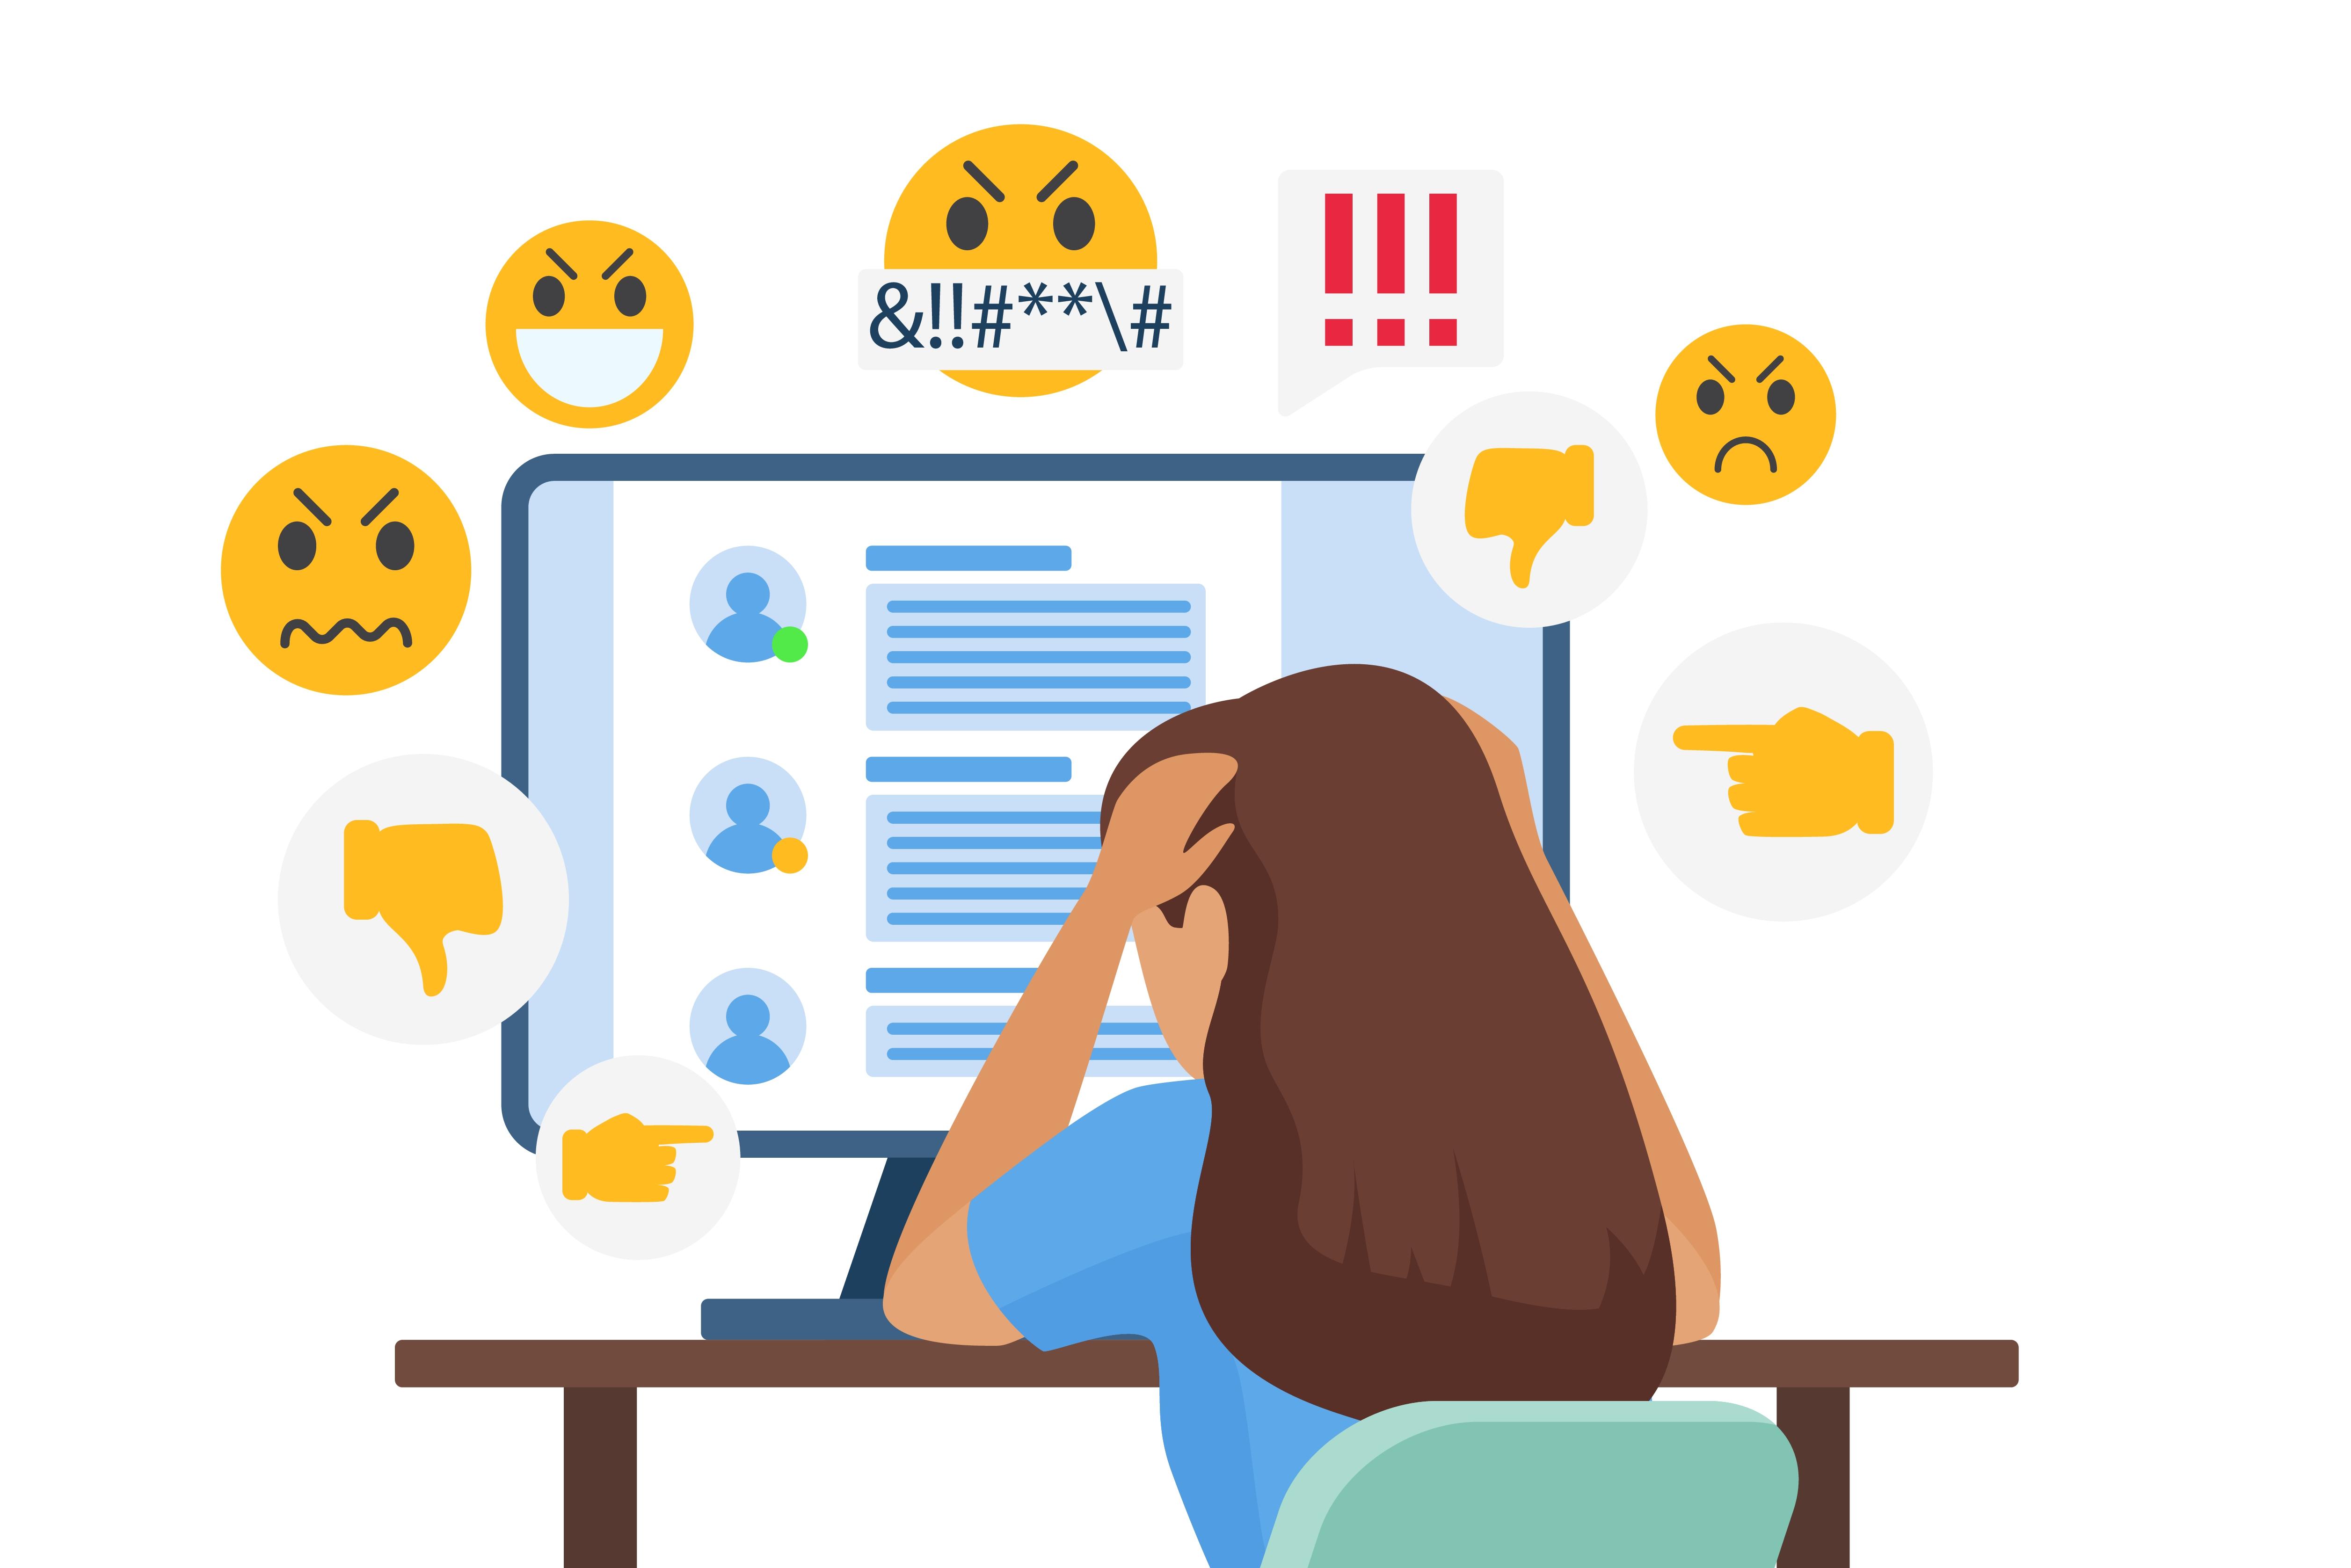 Een illustratie van een meisje achter de computer dat slachtoffer is van pesten